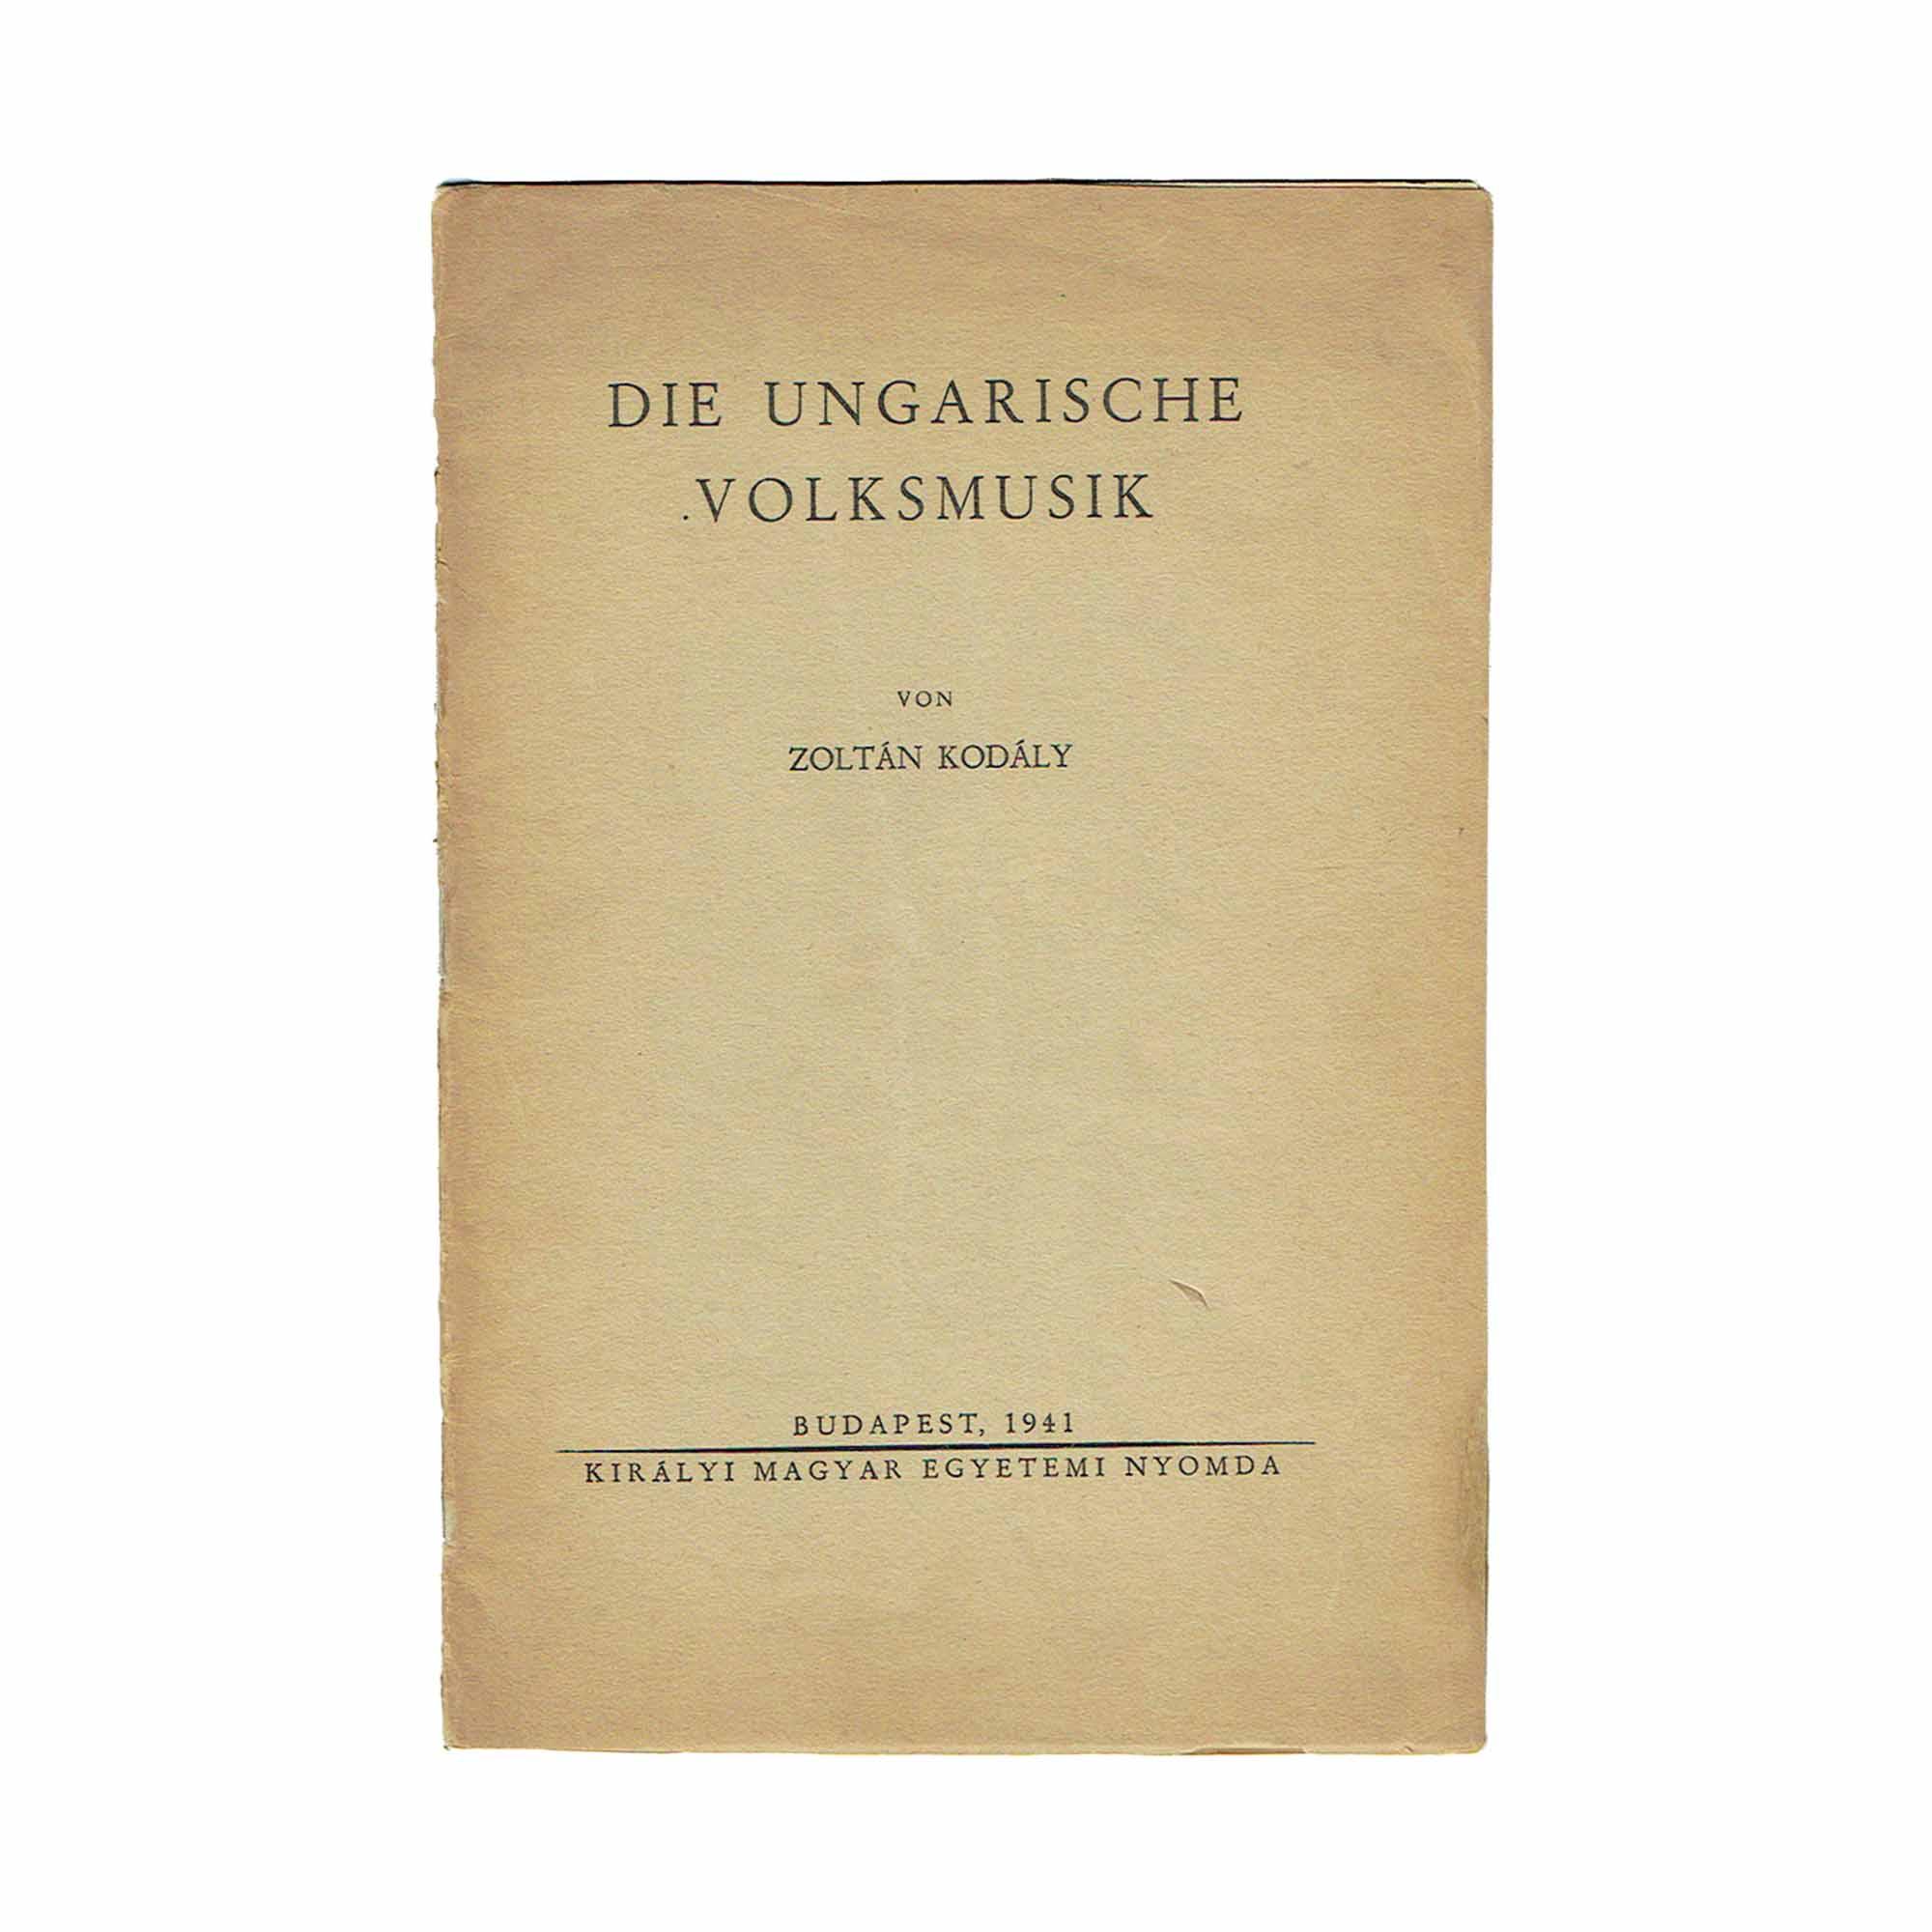 1320-Kodály-Ungarische-Volksmusik-1941-frei-N.jpg